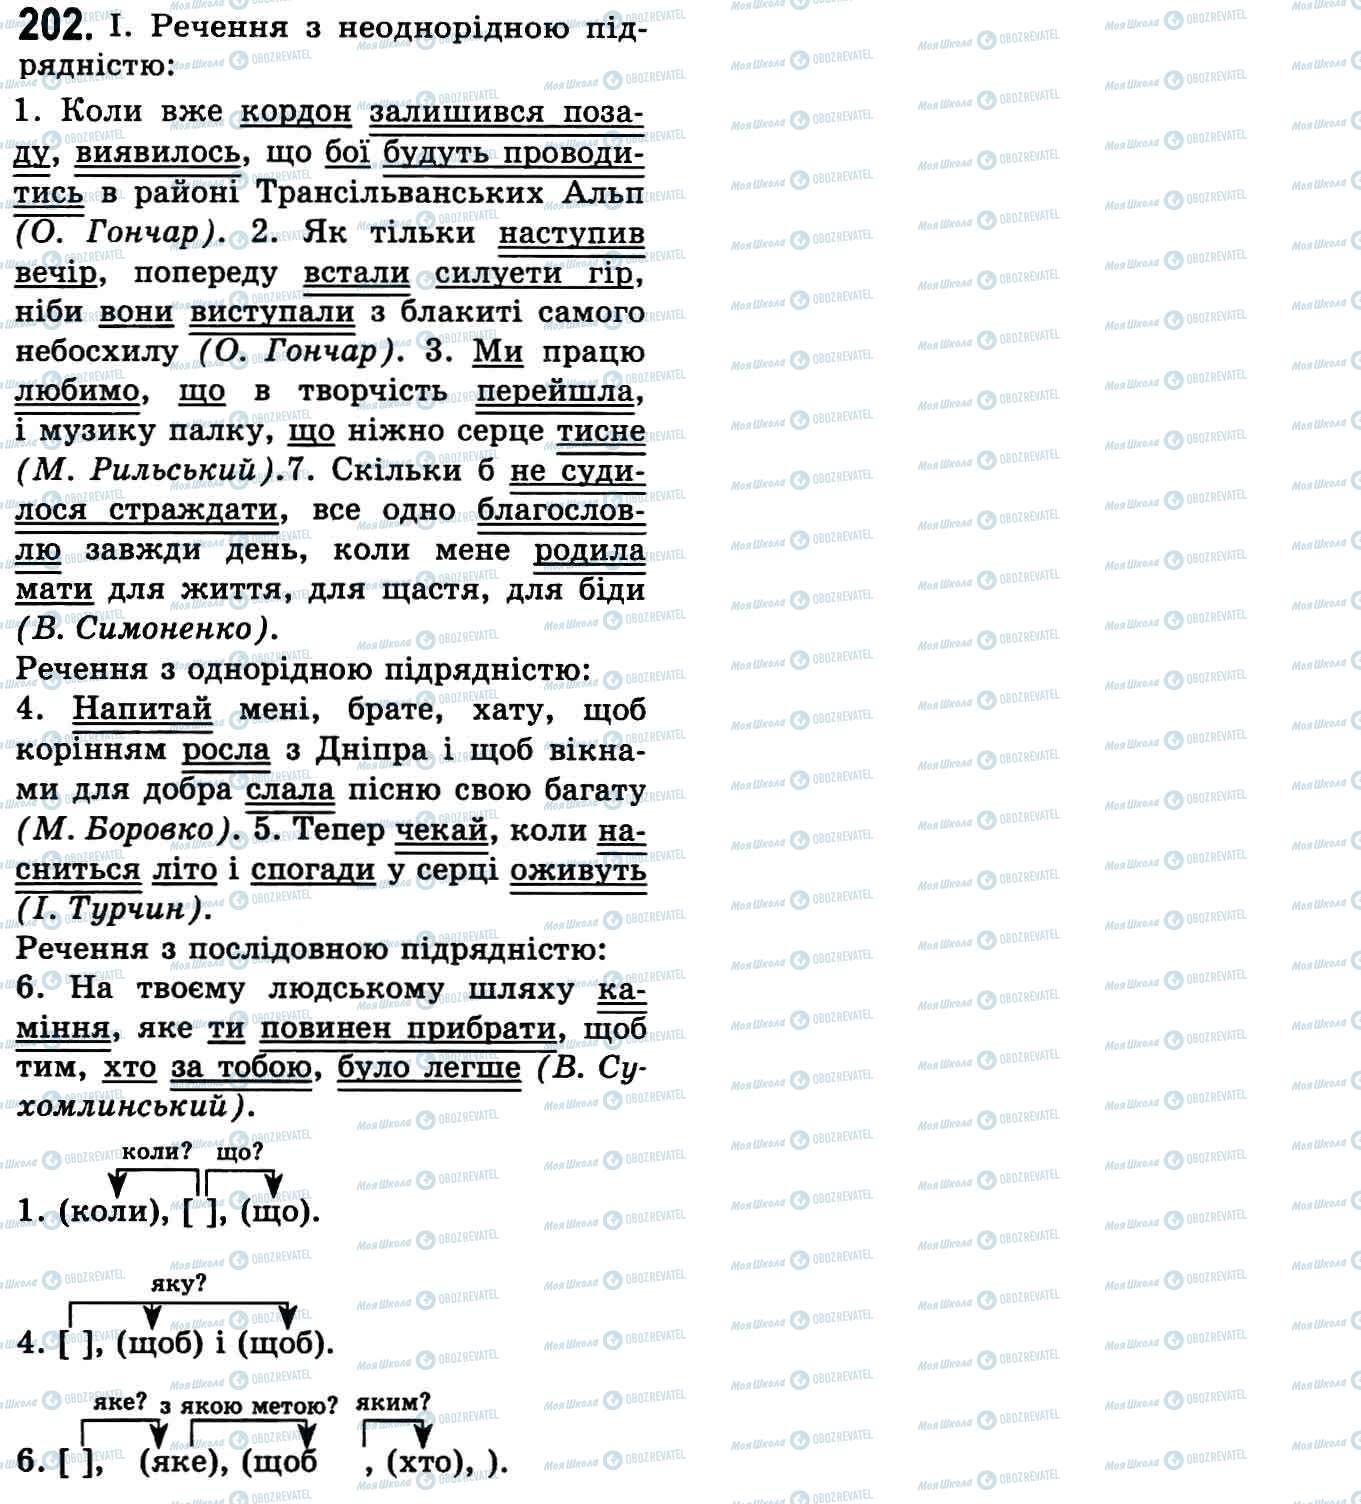 ГДЗ Українська мова 9 клас сторінка 202